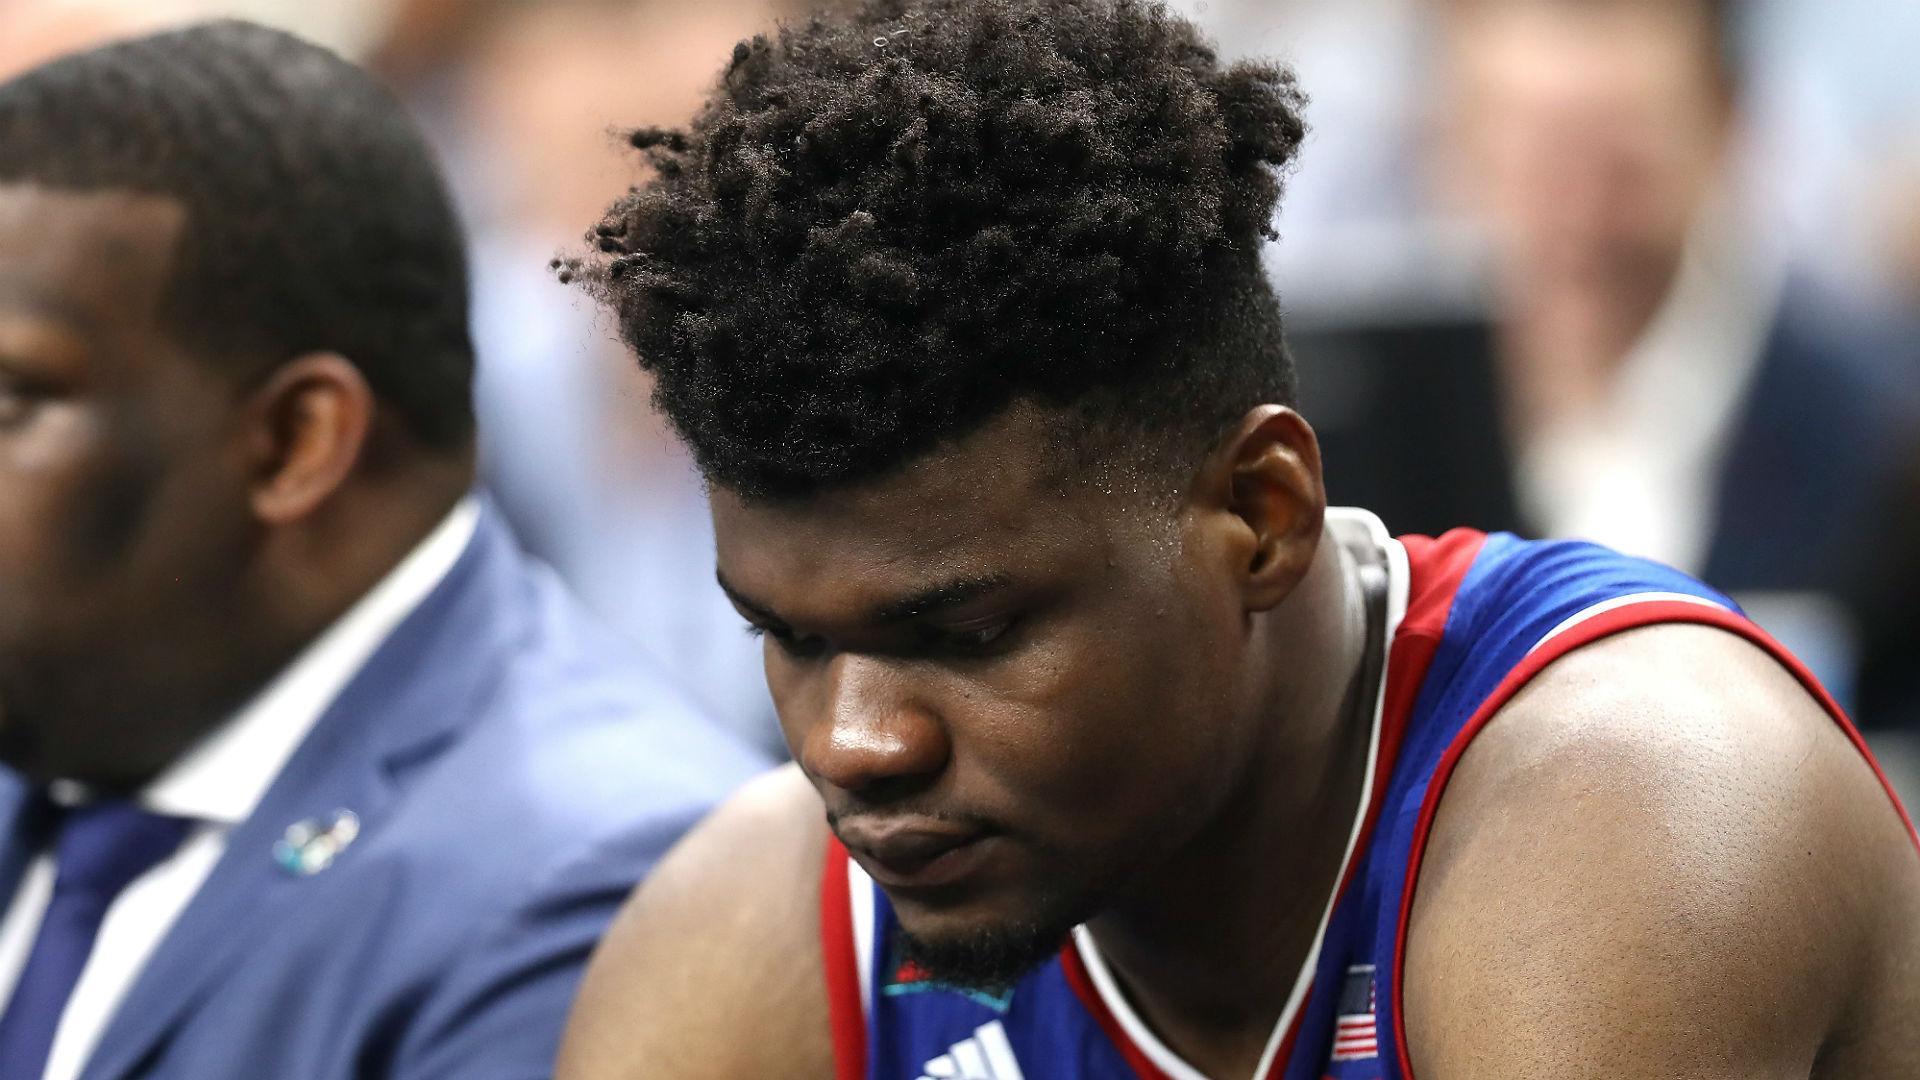 Udoka Azubuike injury update: Kansas center out indefinitely with high ankle sprain